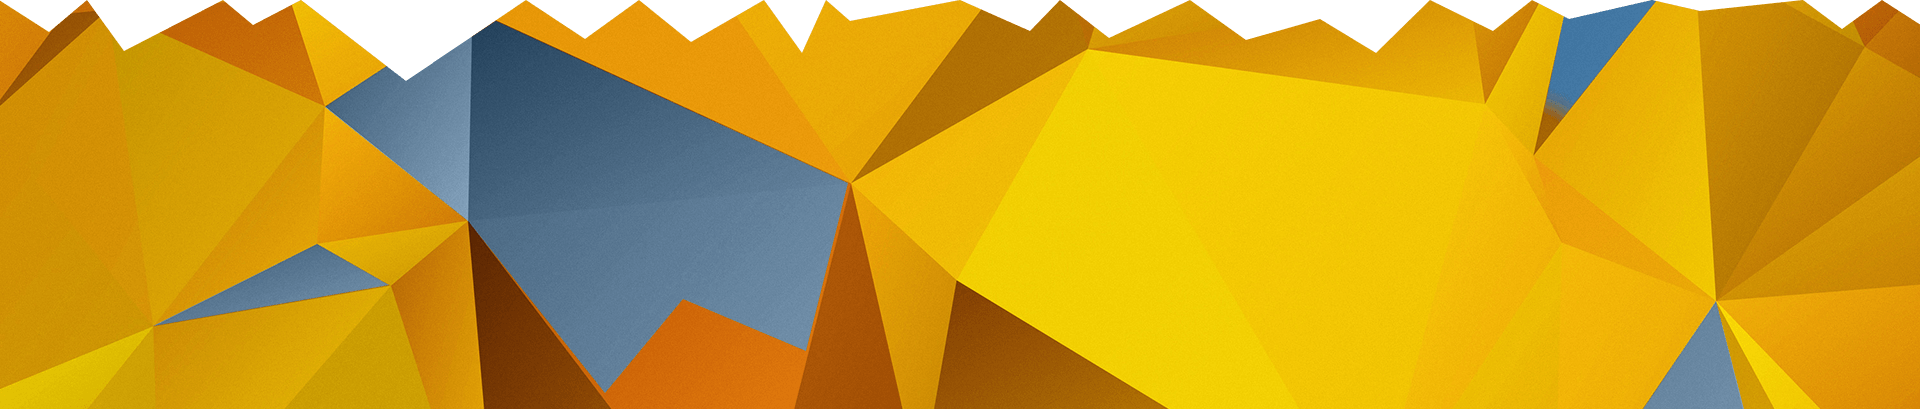 slide-01-fon-poligonos-01_min